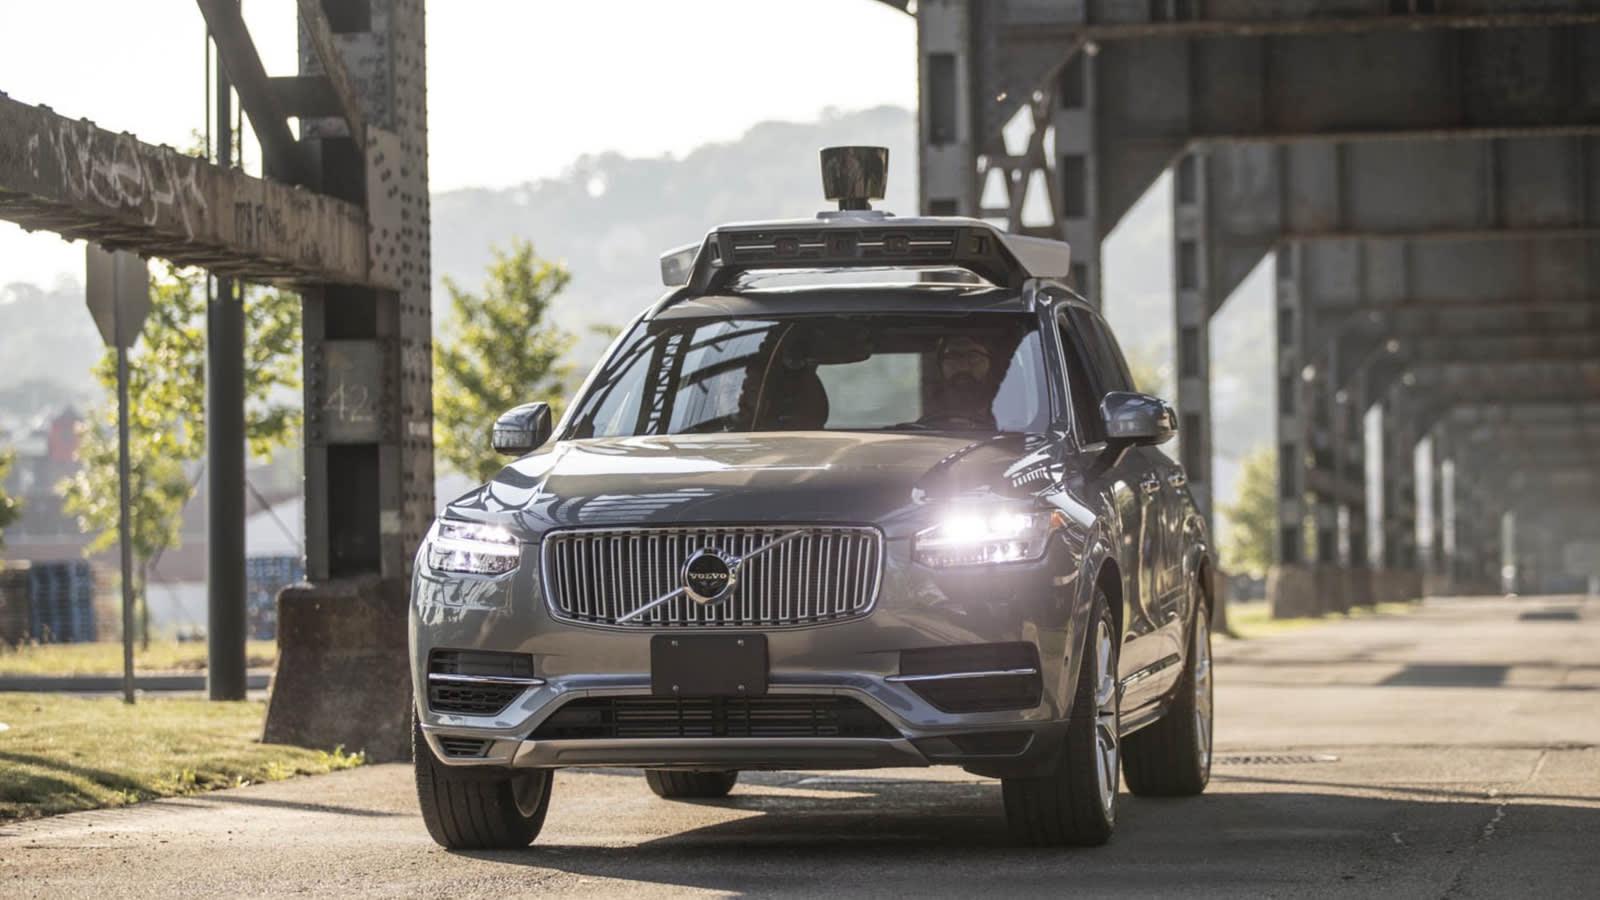 أوبر تعلن بيع سياراتها ذاتية القيادة لشركة أورورا